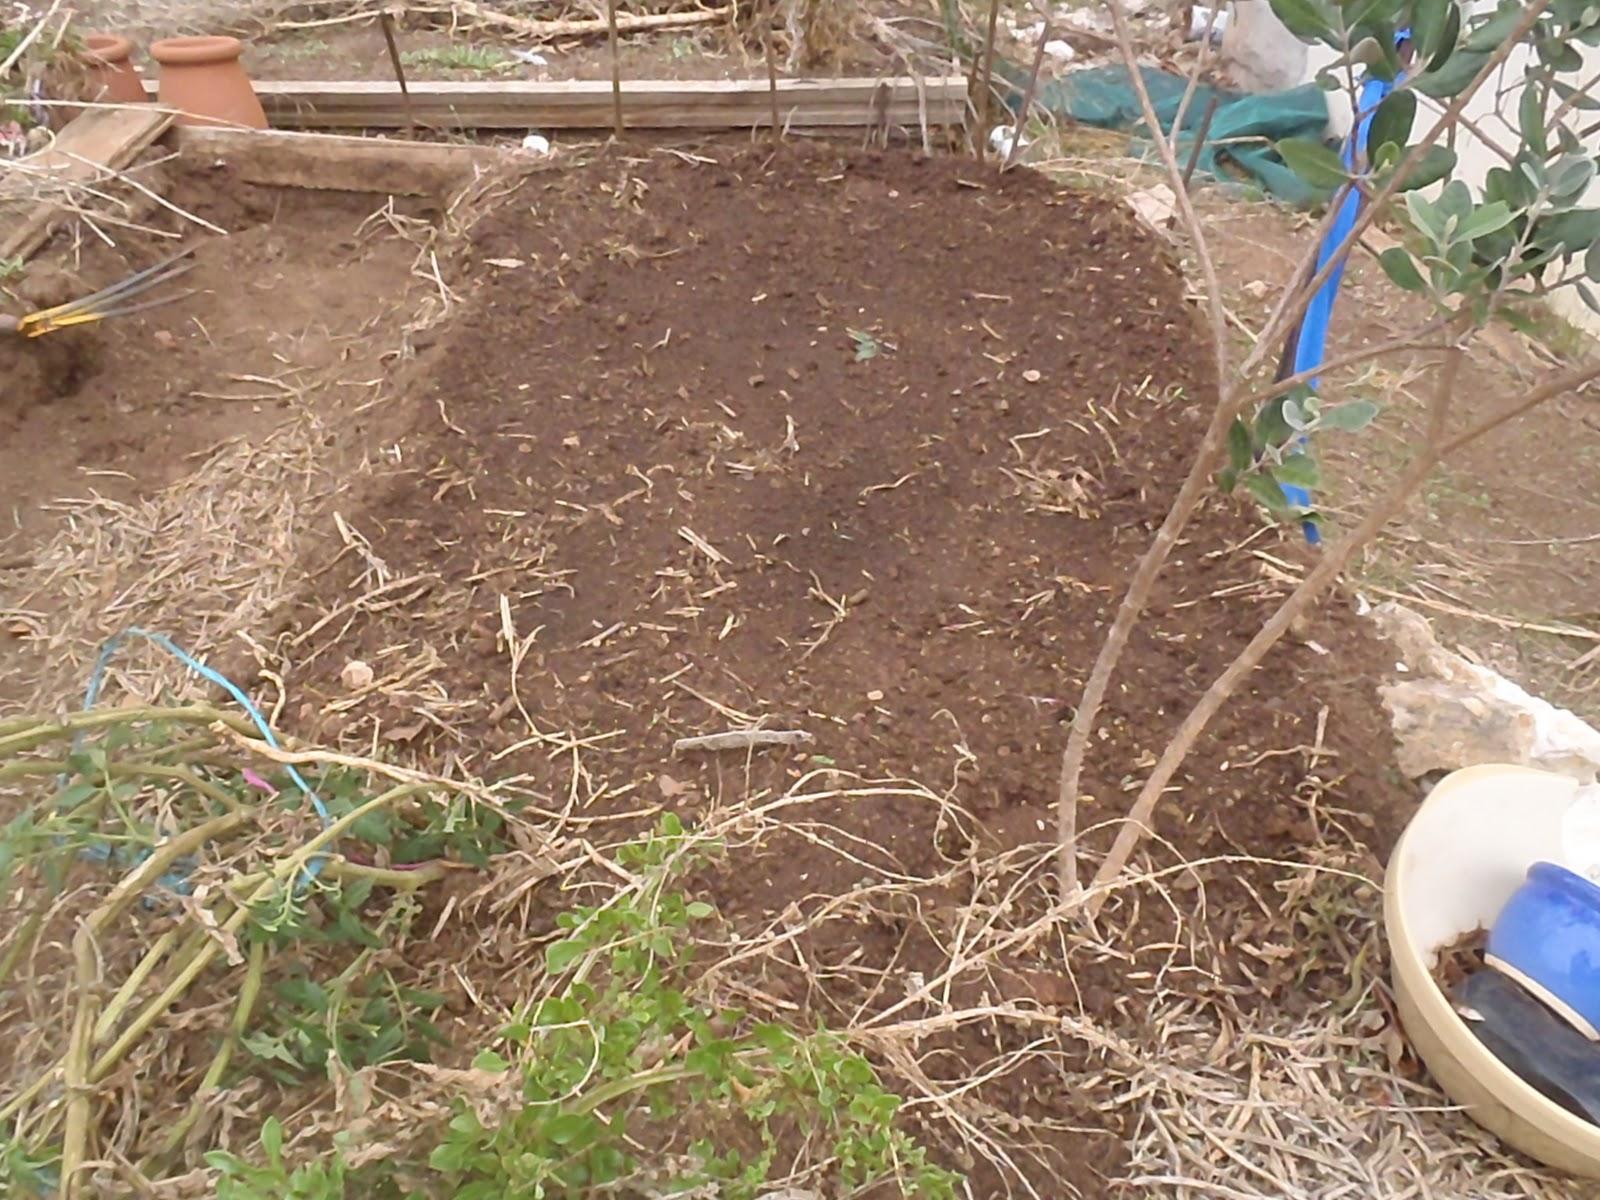 kapunda garden: Back in the garden